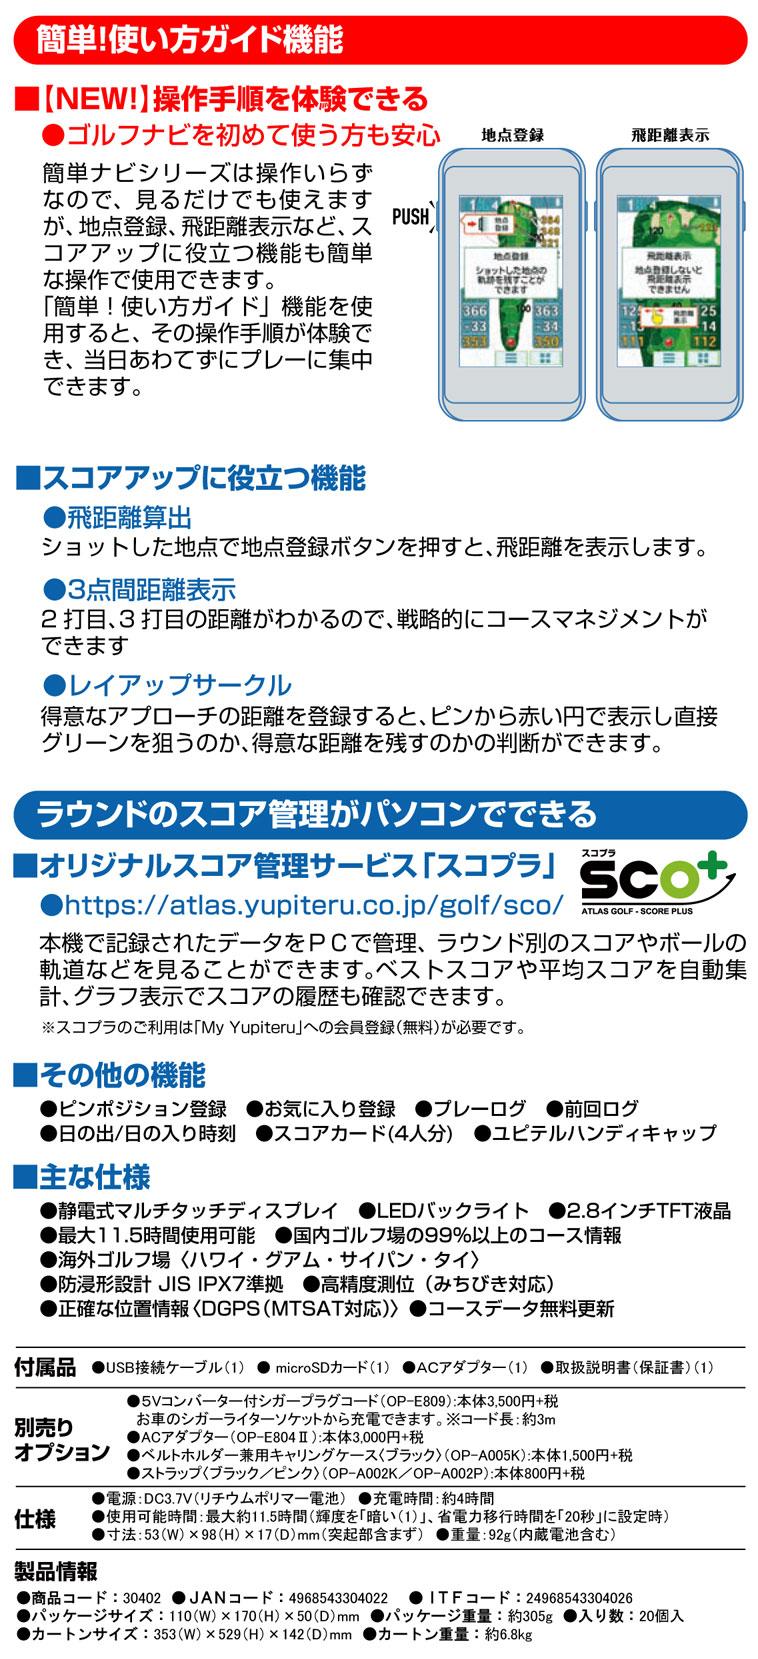 YGN5200_News_1704_2